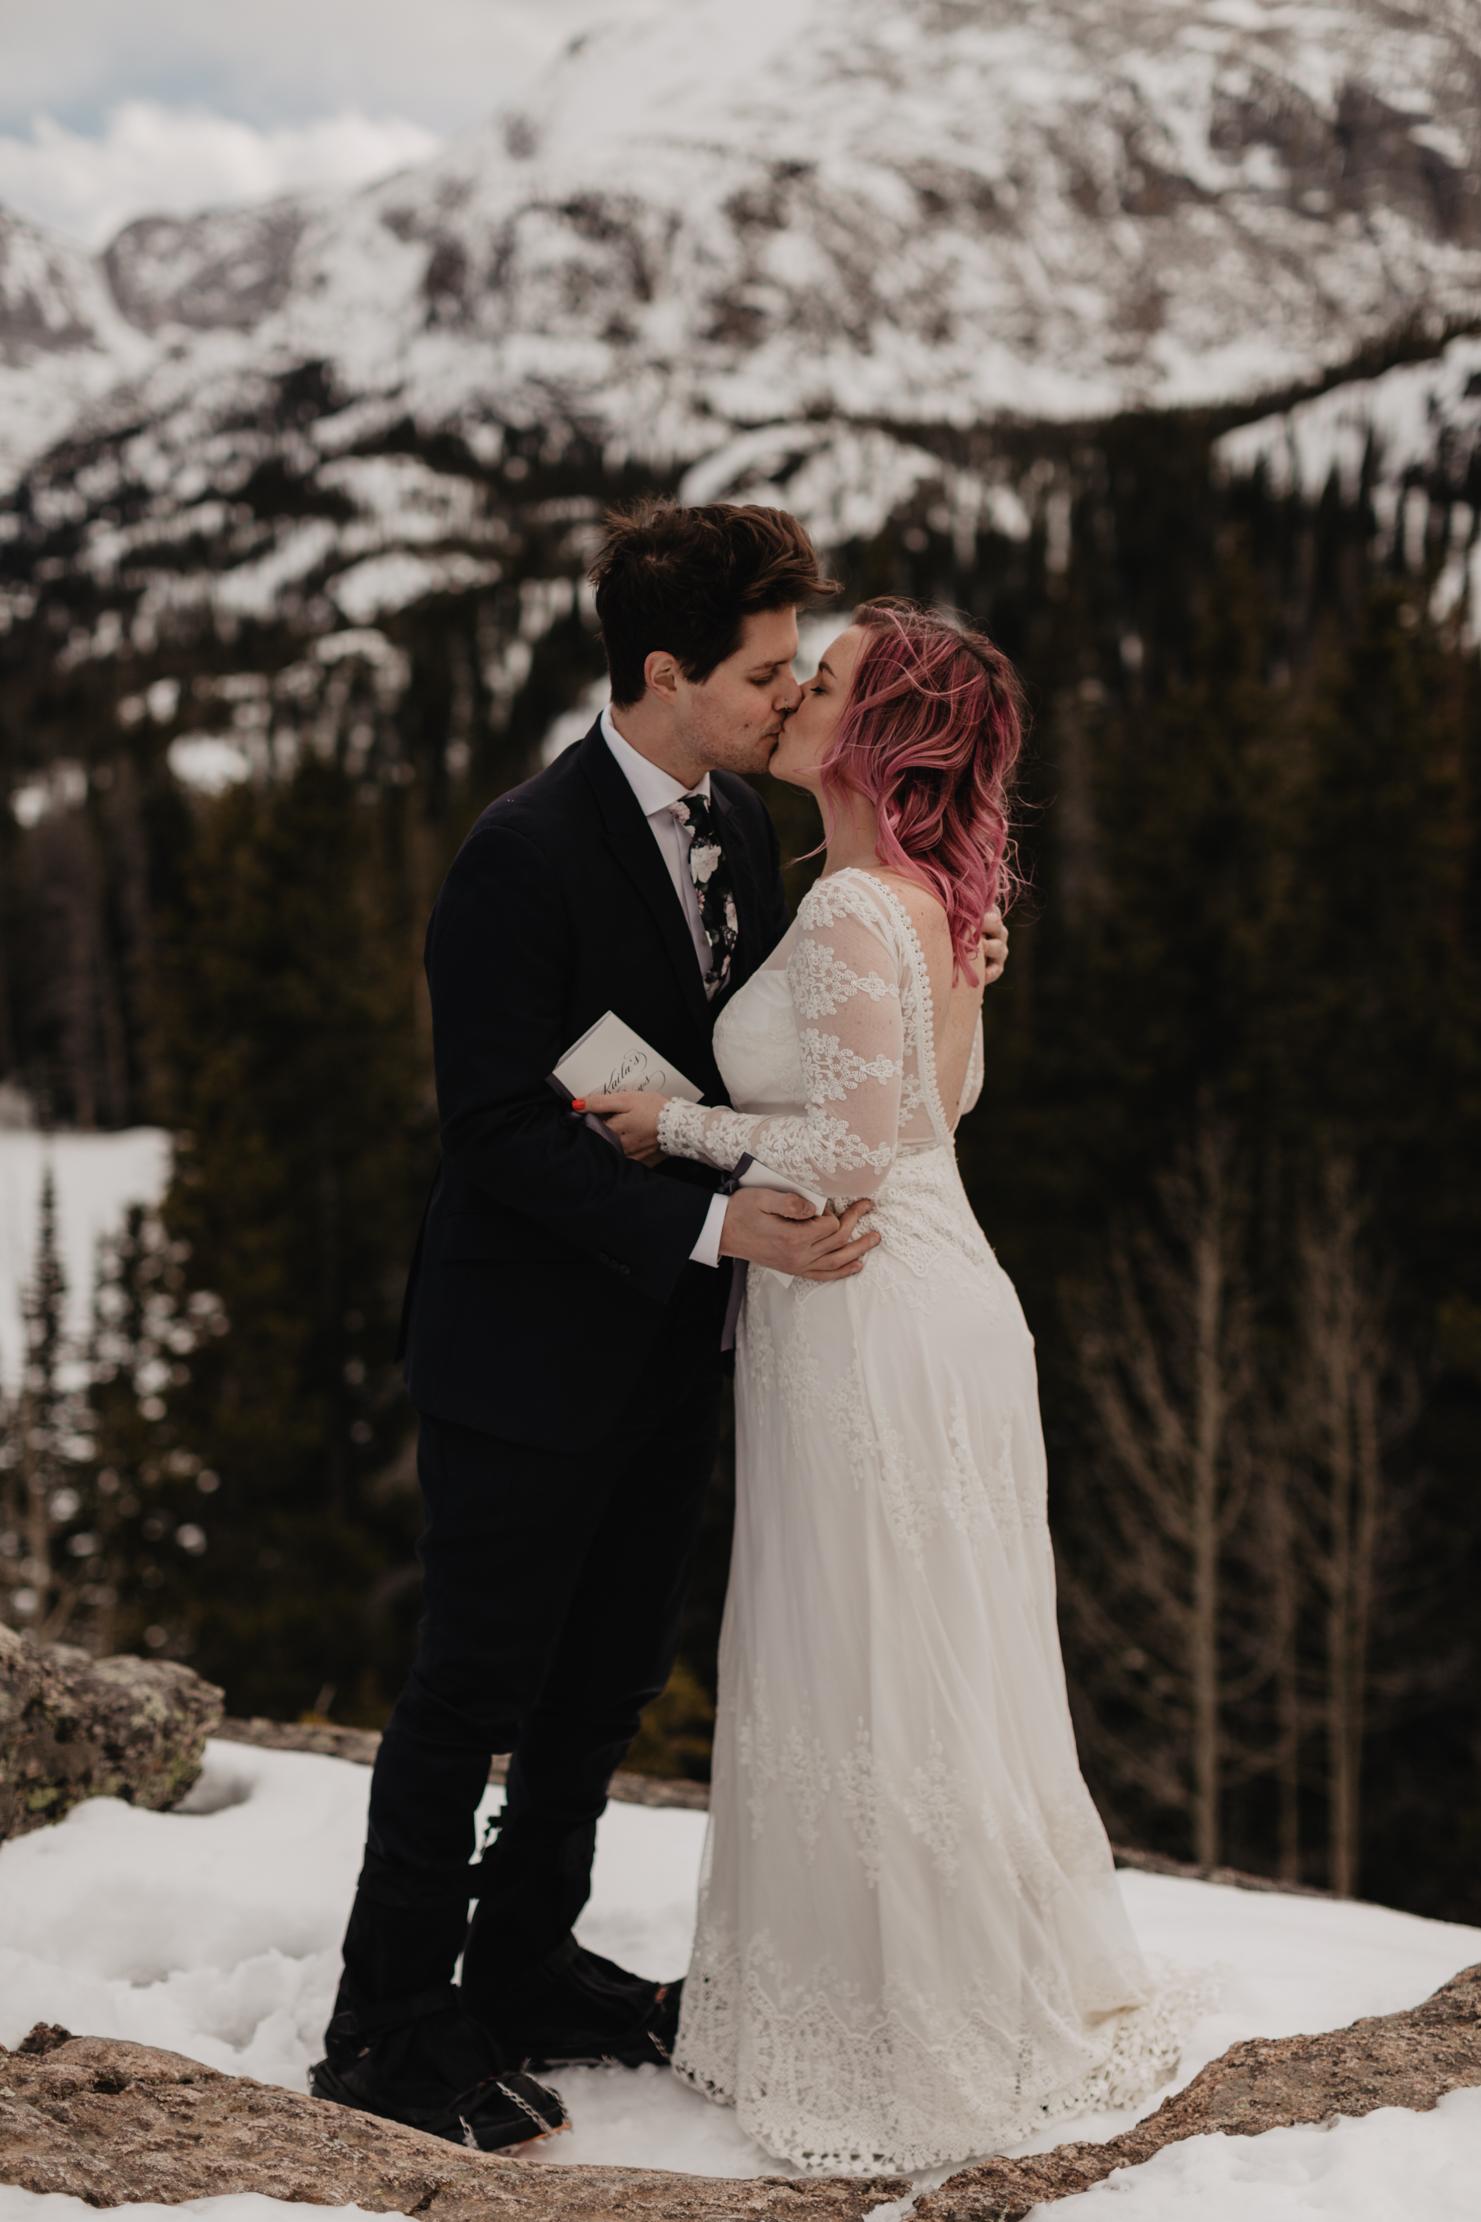 Rocky Mountains Colorado Elopement | Adventure Wedding Photograp